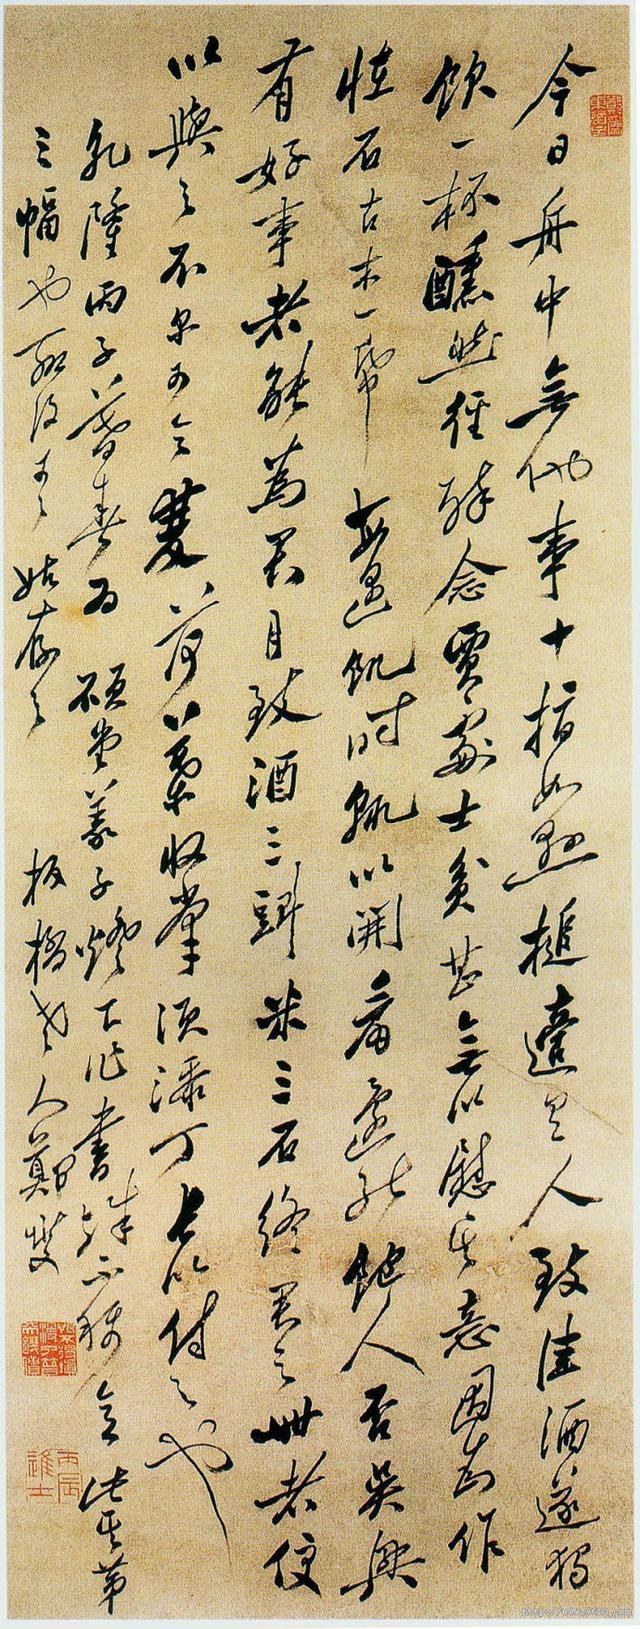 扬州八怪郑板桥书法欣赏 字体工整秀劲但略显拘谨